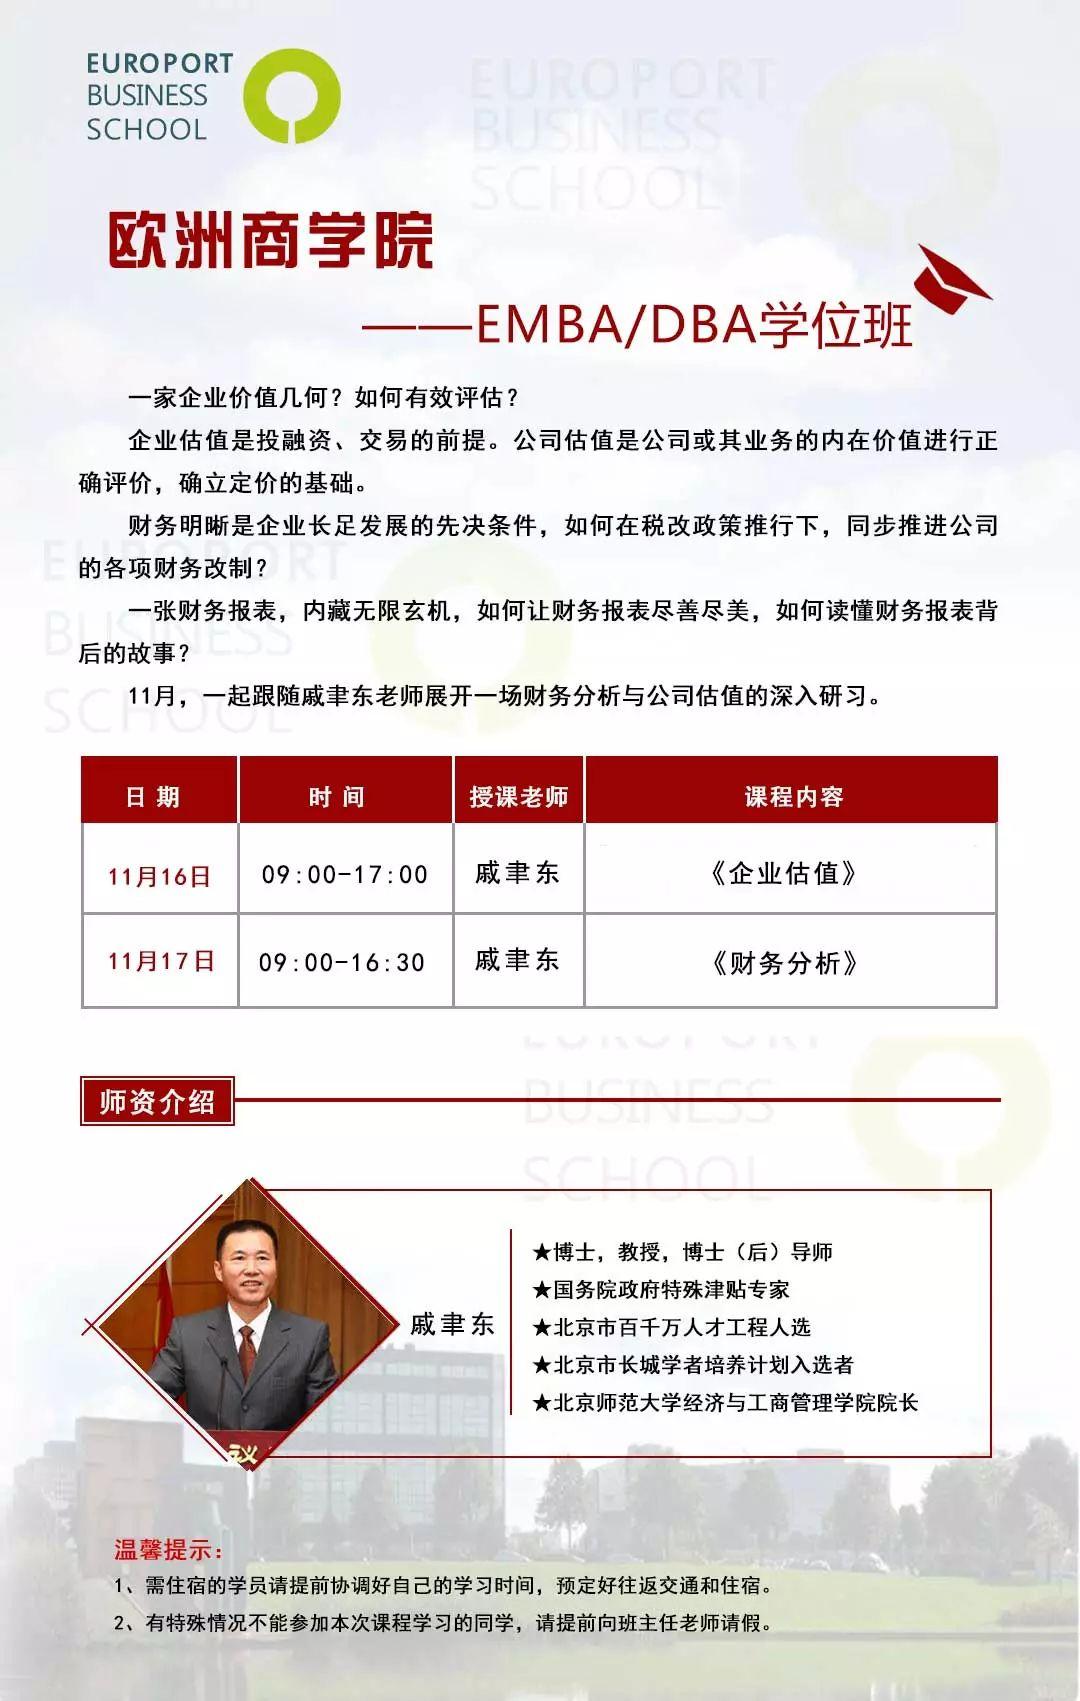 欧洲商学院EMBA/DBA学位班11月开课通知